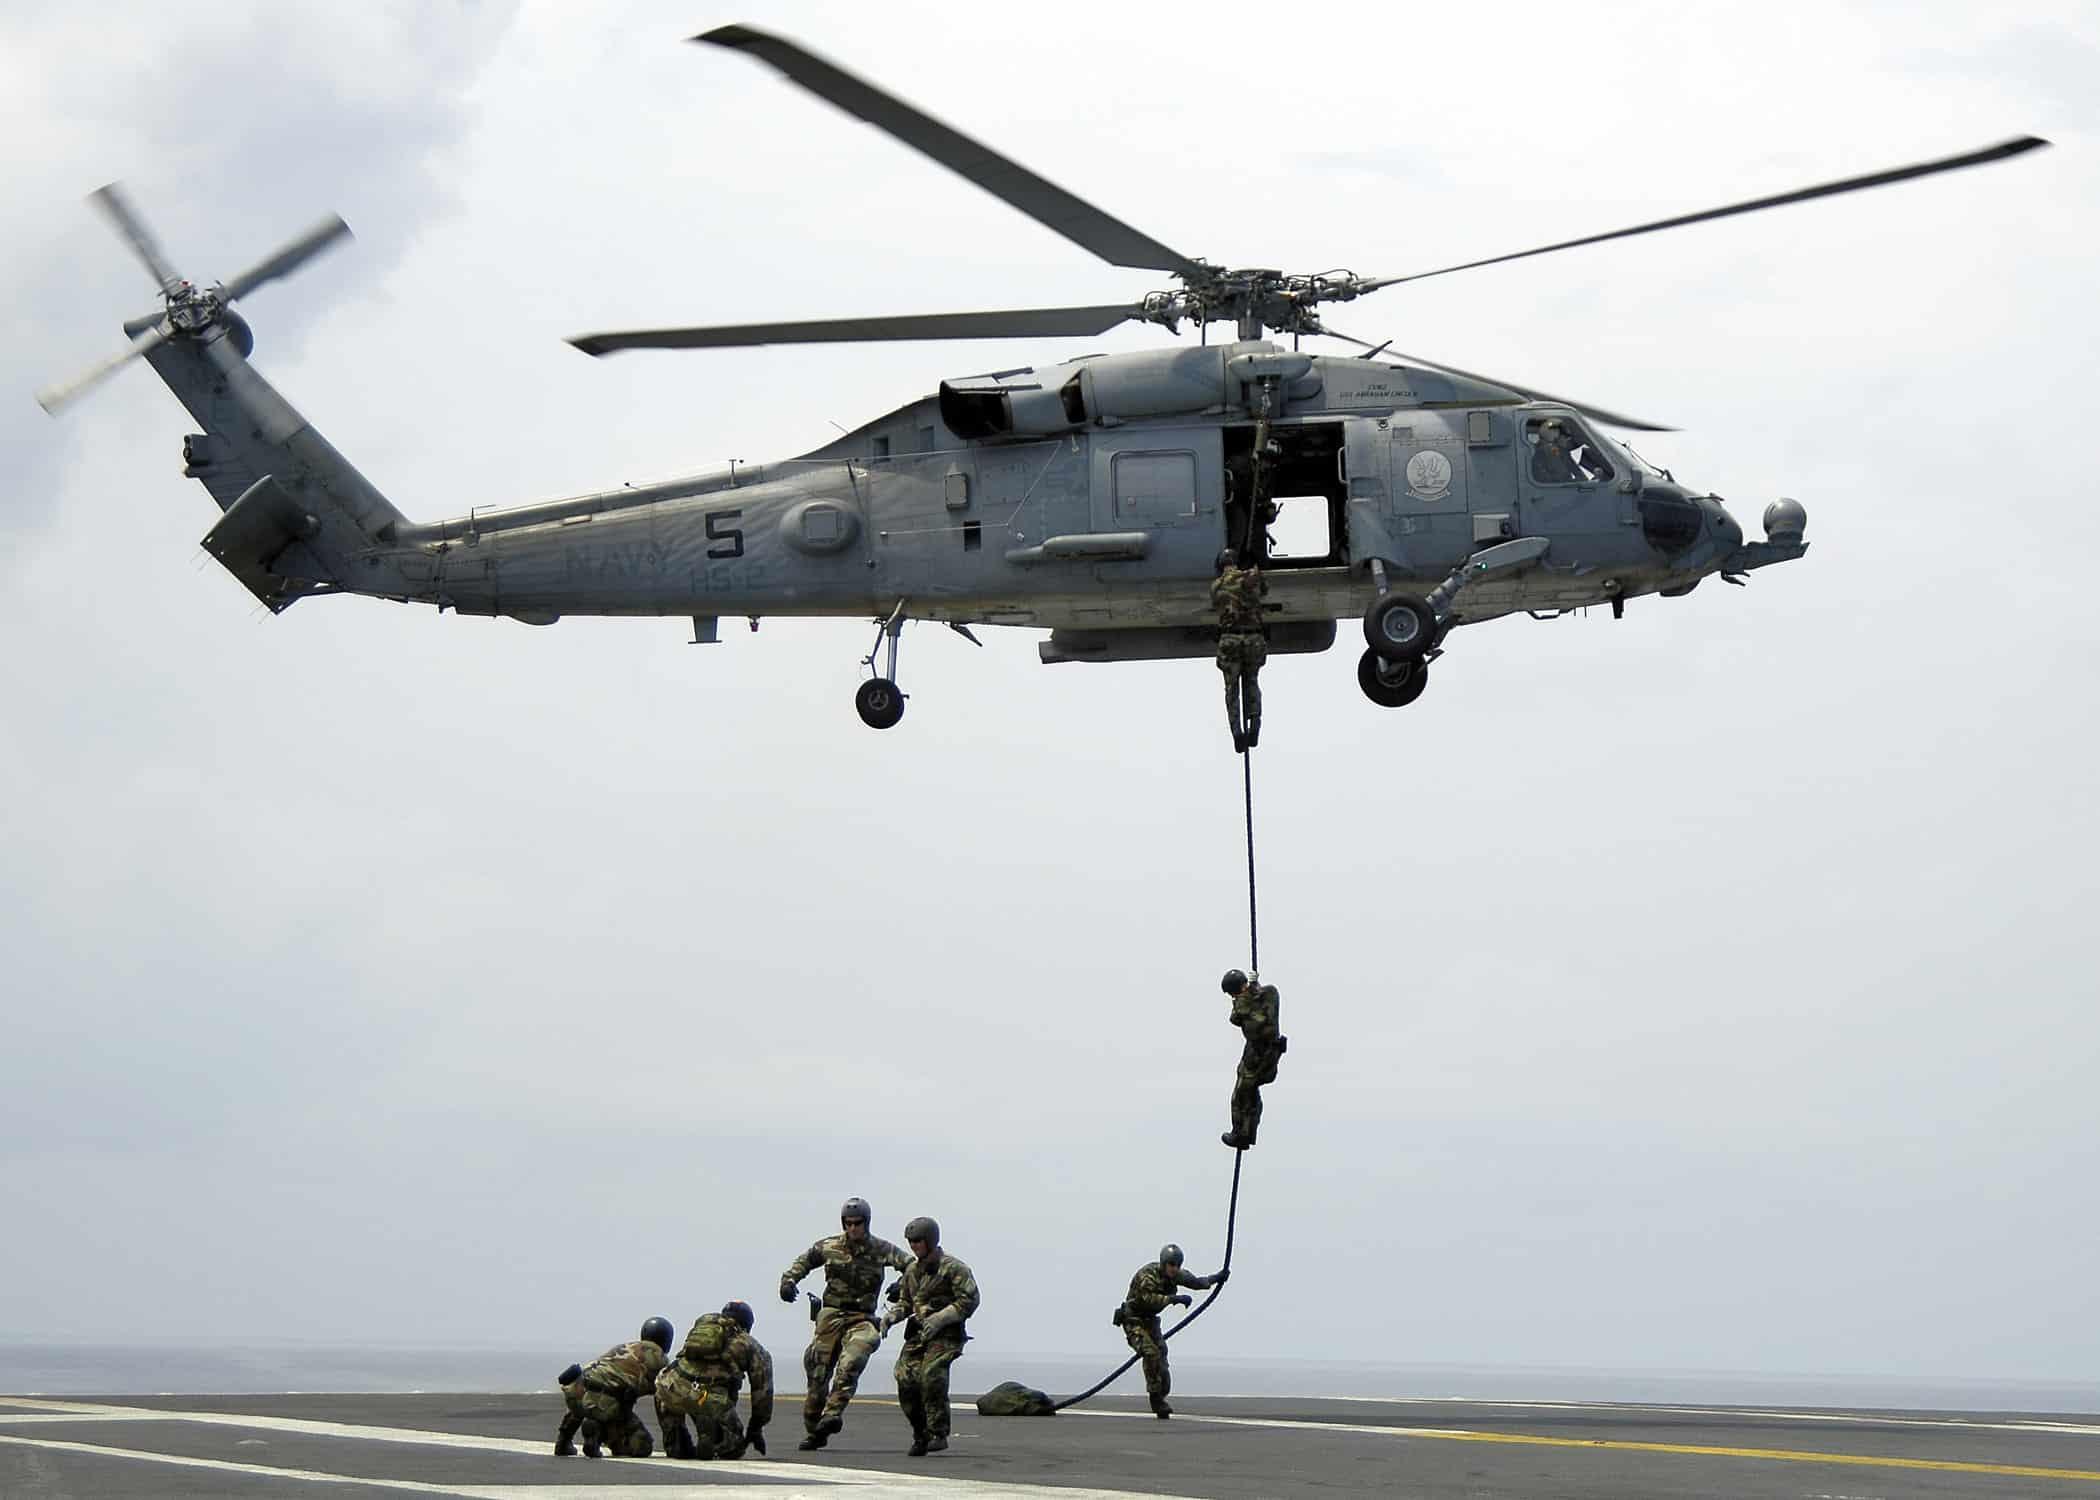 مشاة البحرية الأمريكية تجري تدريبات سريعة بالحبال في اليابان